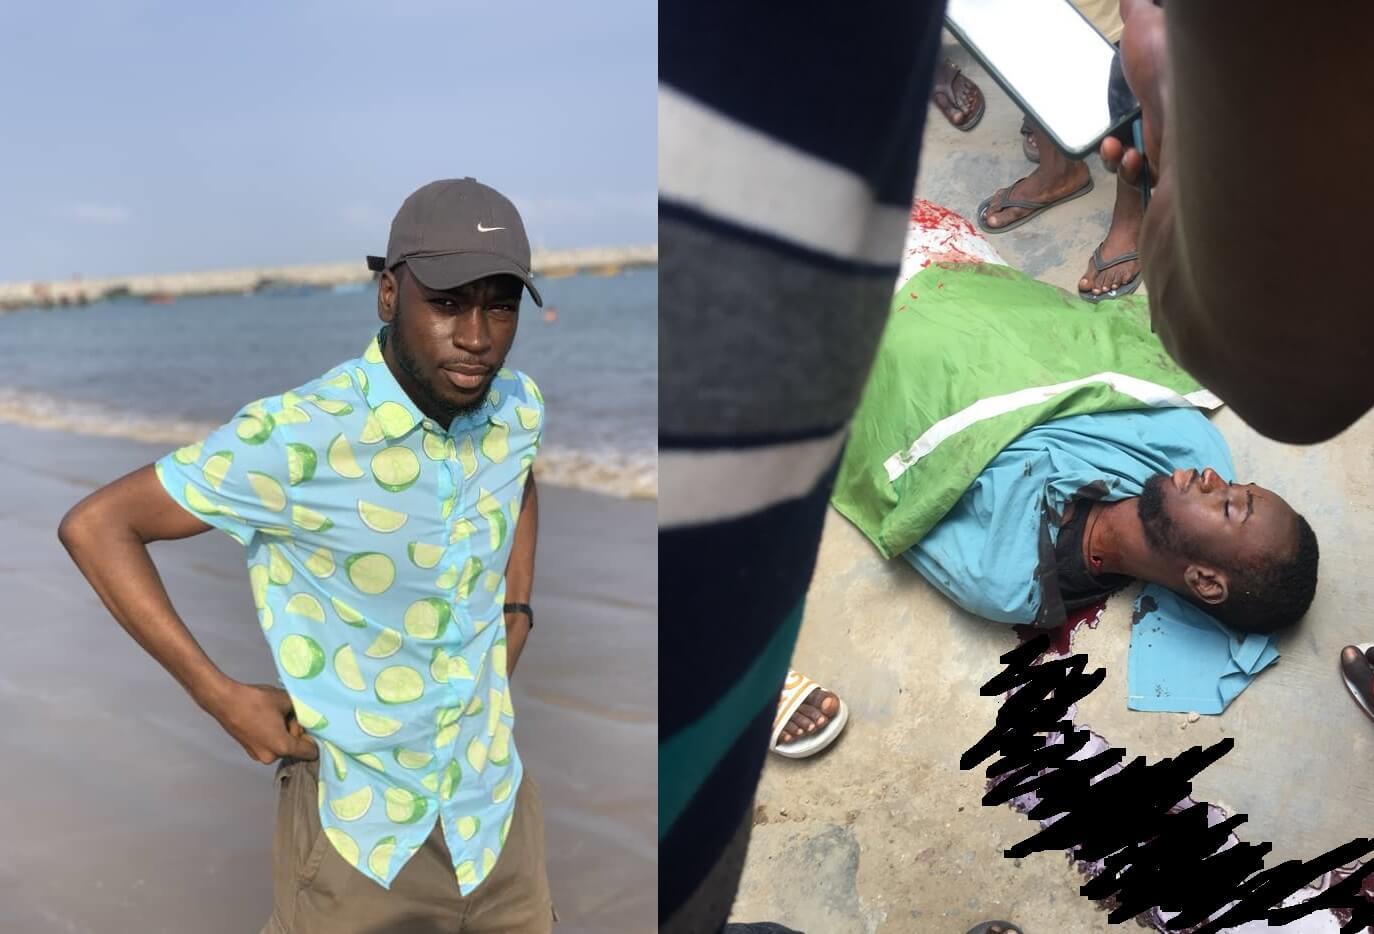 Nigerian boy Oke dies 3 hours after tweeting 'Nigeria will not end me'